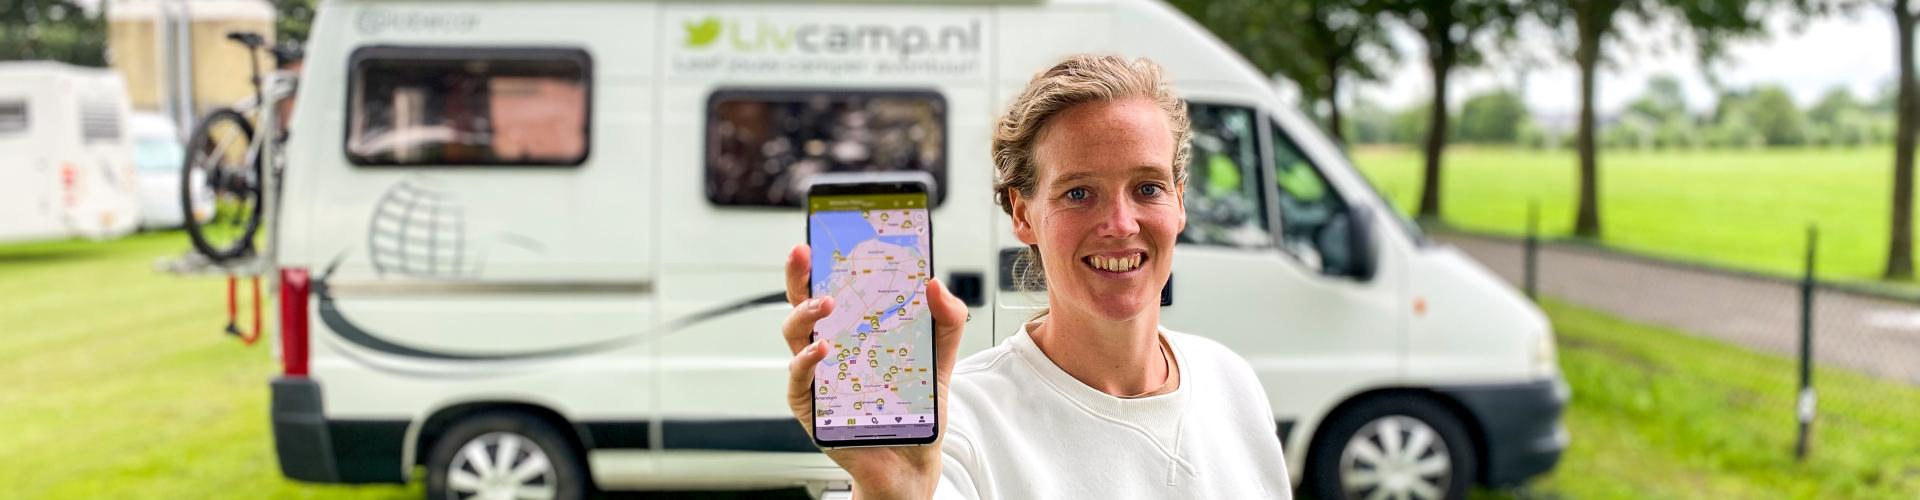 Livcamp camperplaatsen app